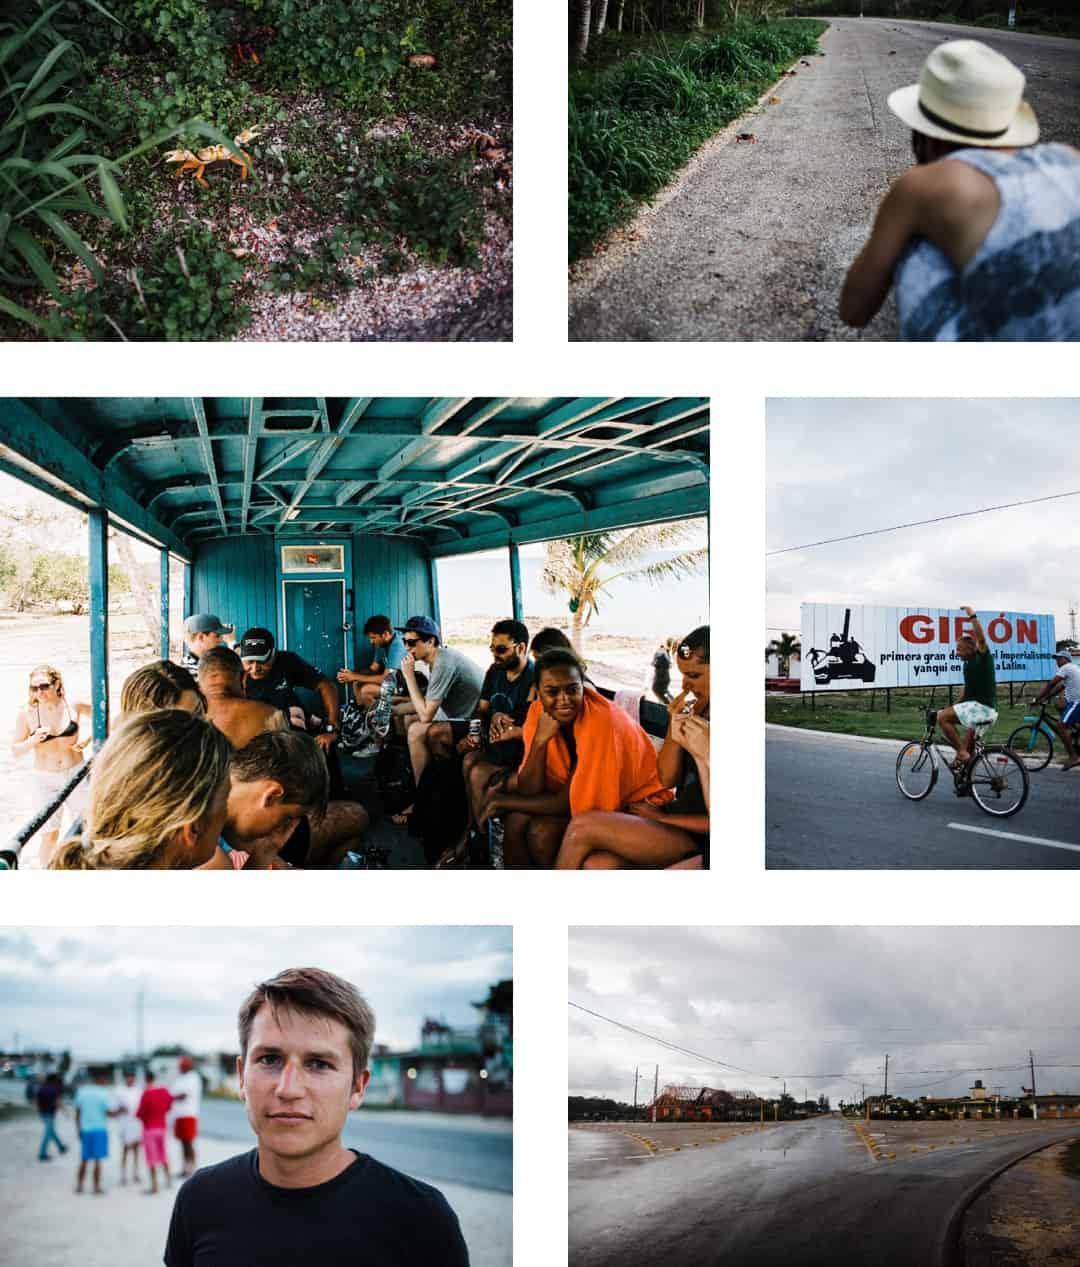 Photos of Playa Giron, Cuba